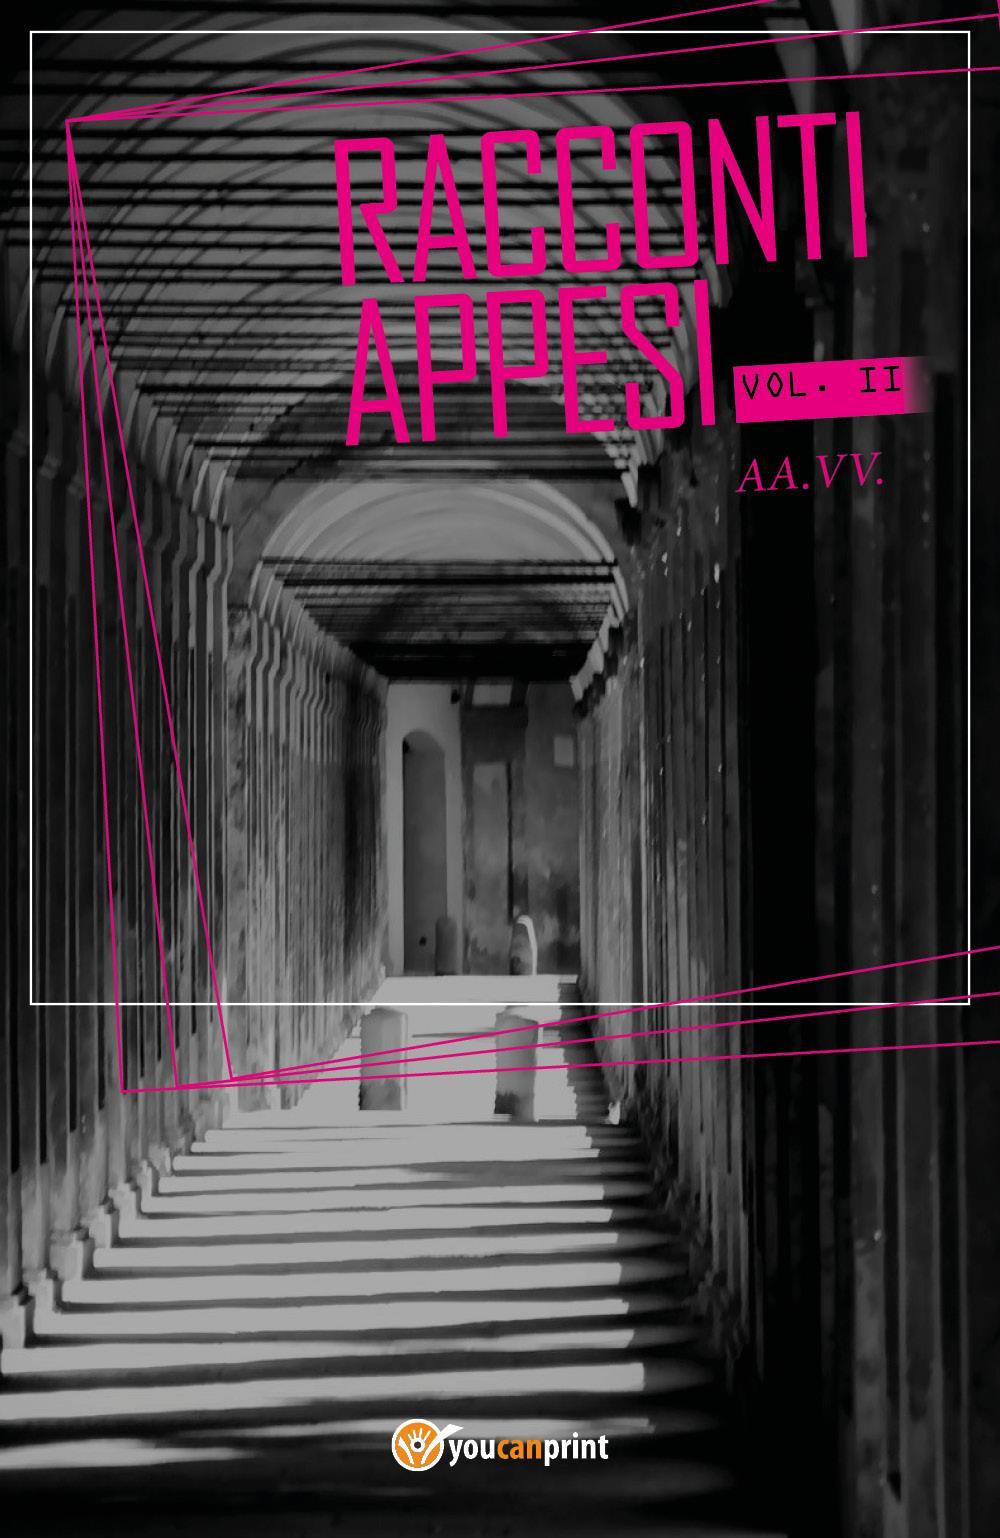 Racconti Appesi Vol. II